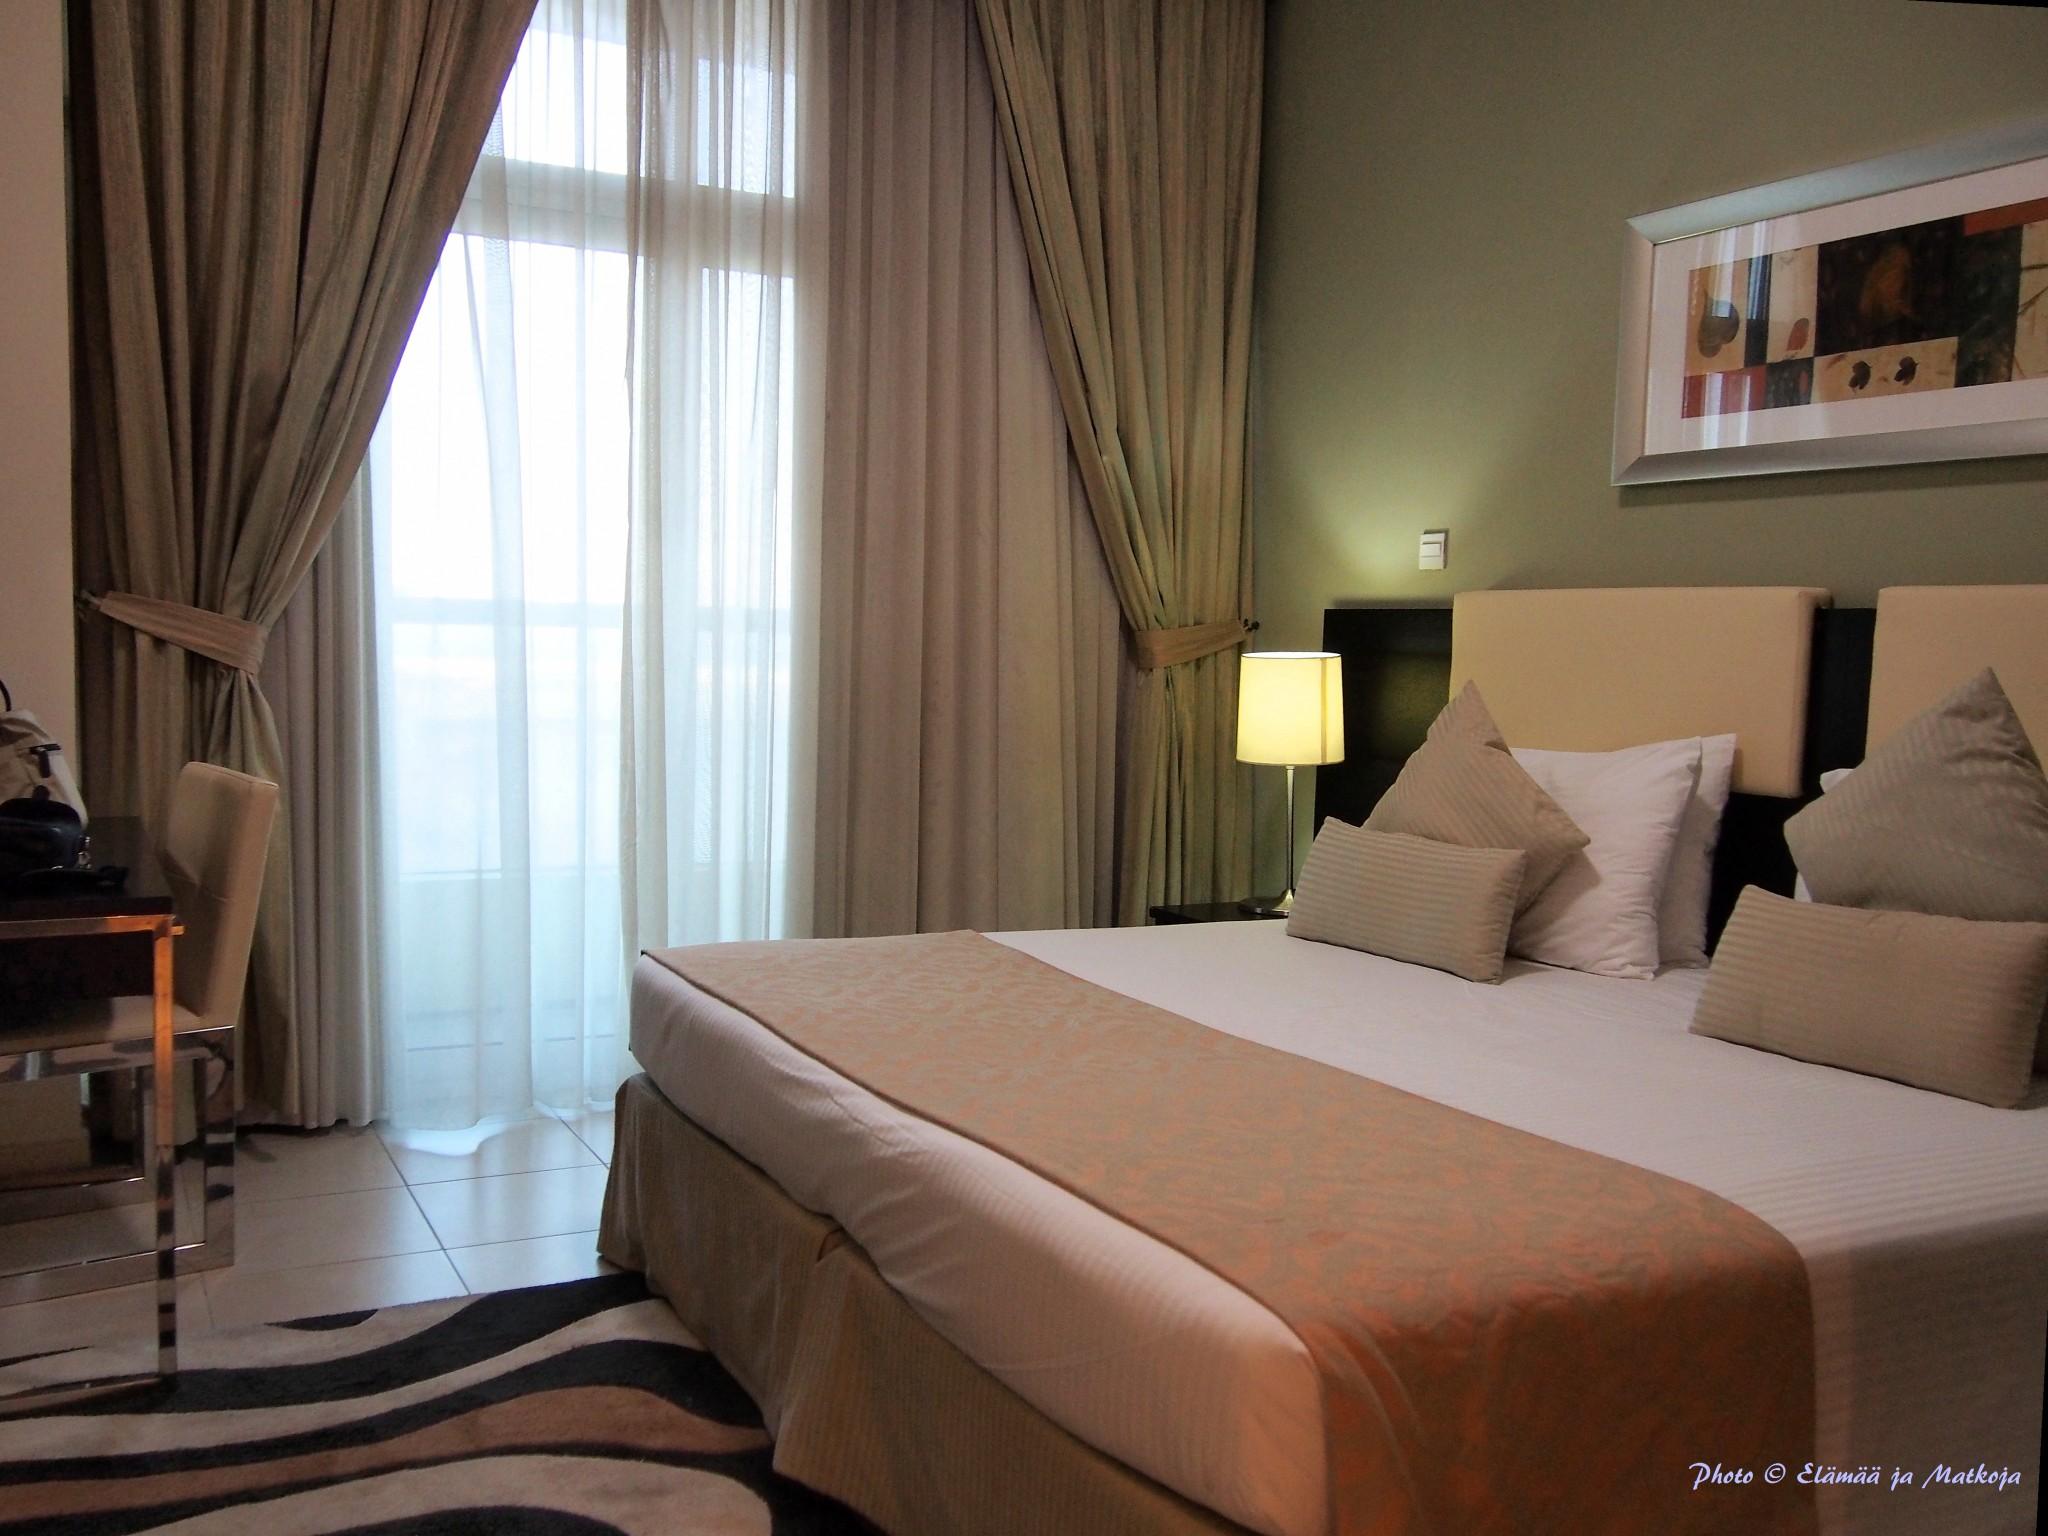 Pearl Marina Dubai Deluxe apt berdoom Photo © Elämää ja Matkoja